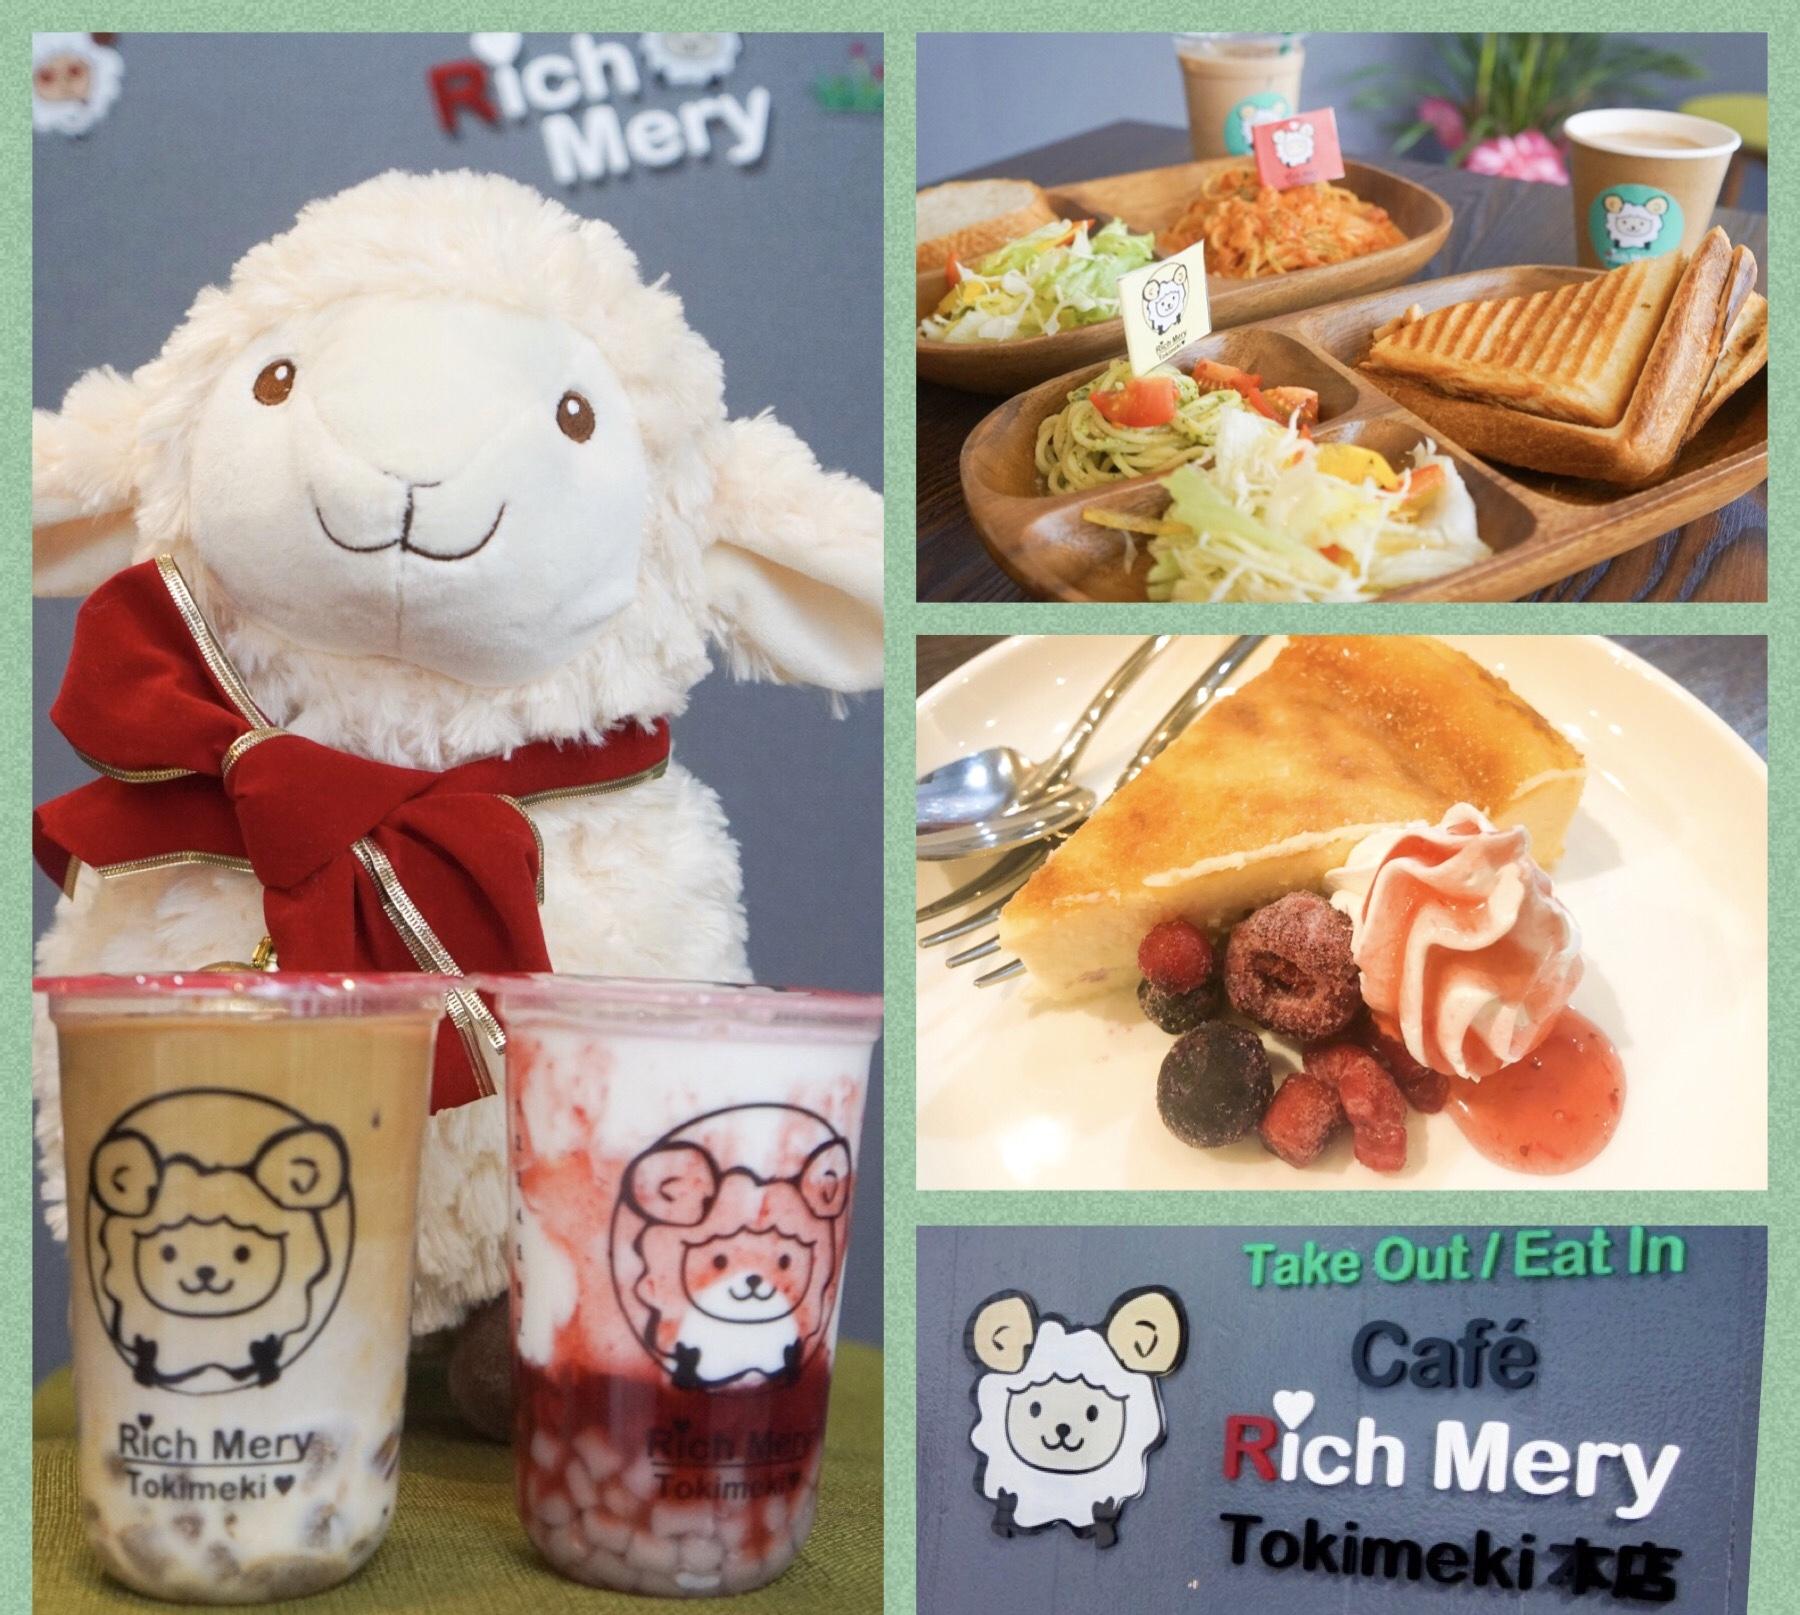 【11/22新店】流行ドリンク&イタリアンランチを![Cafe Rich Mery]で、わらび餅ドリンク!チーズティーも!【膳所】